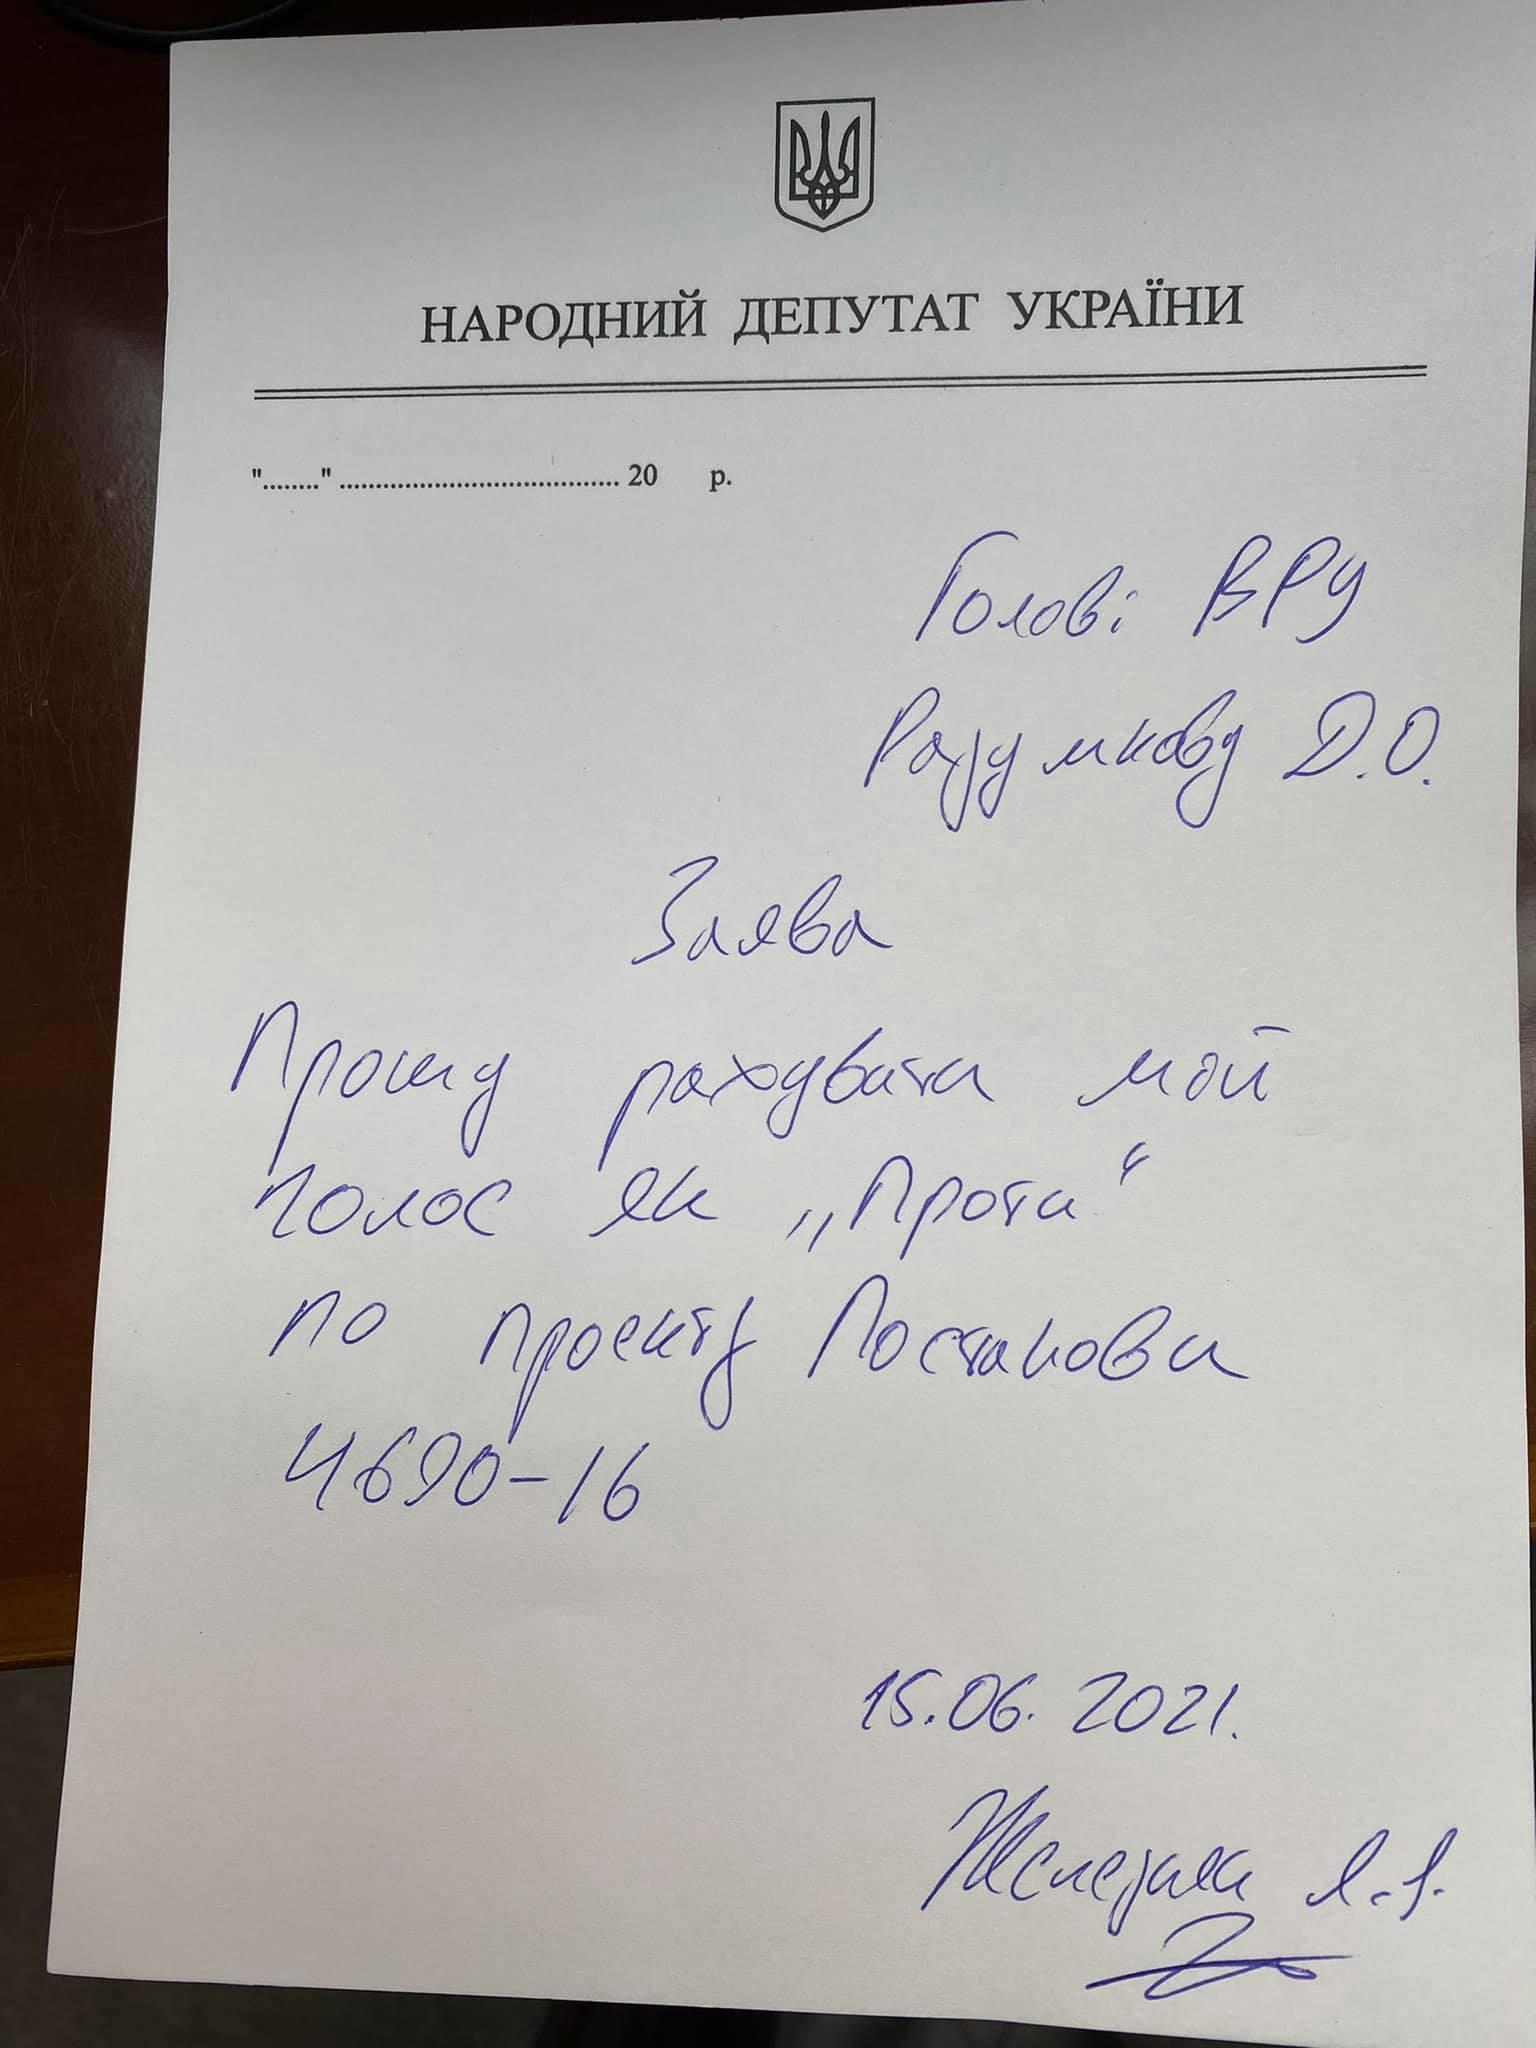 Фото: Ярослав Железняк